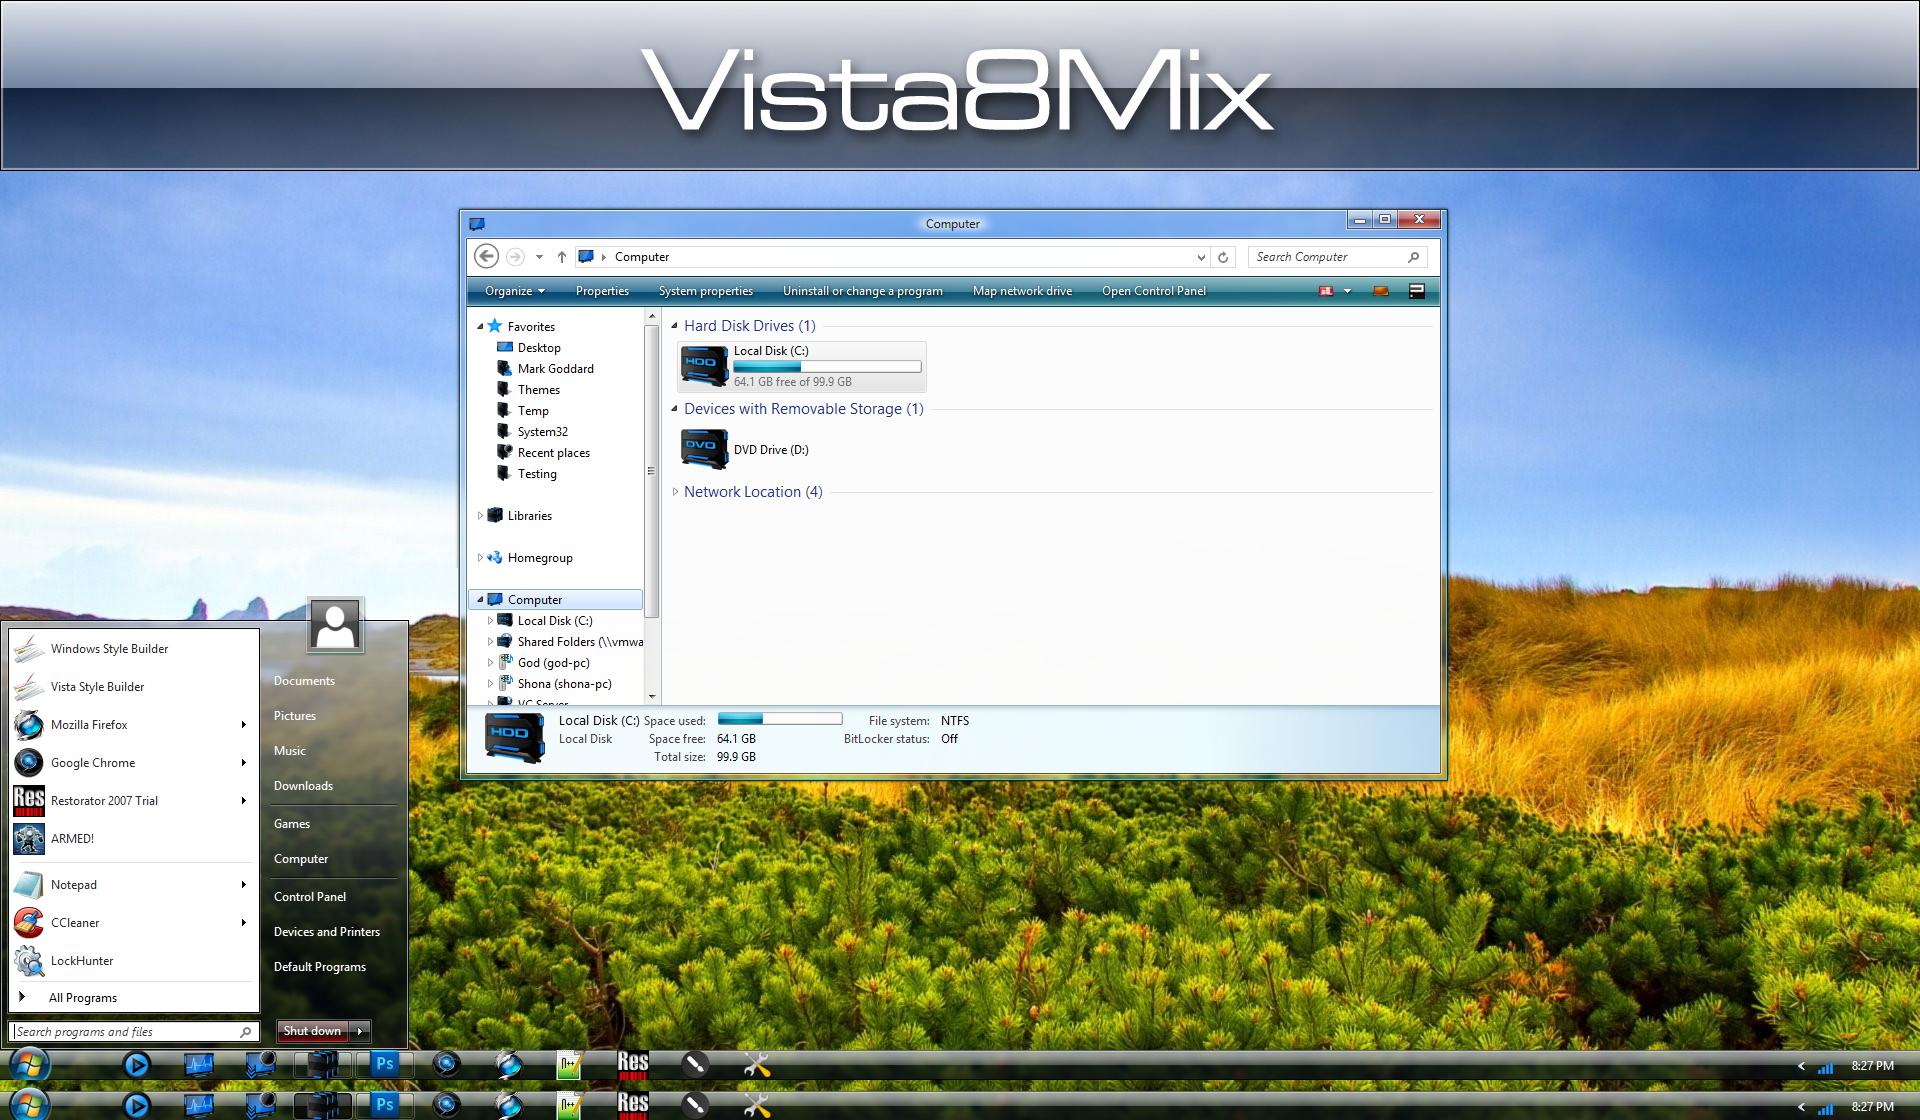 Vista 8 Modern Mix